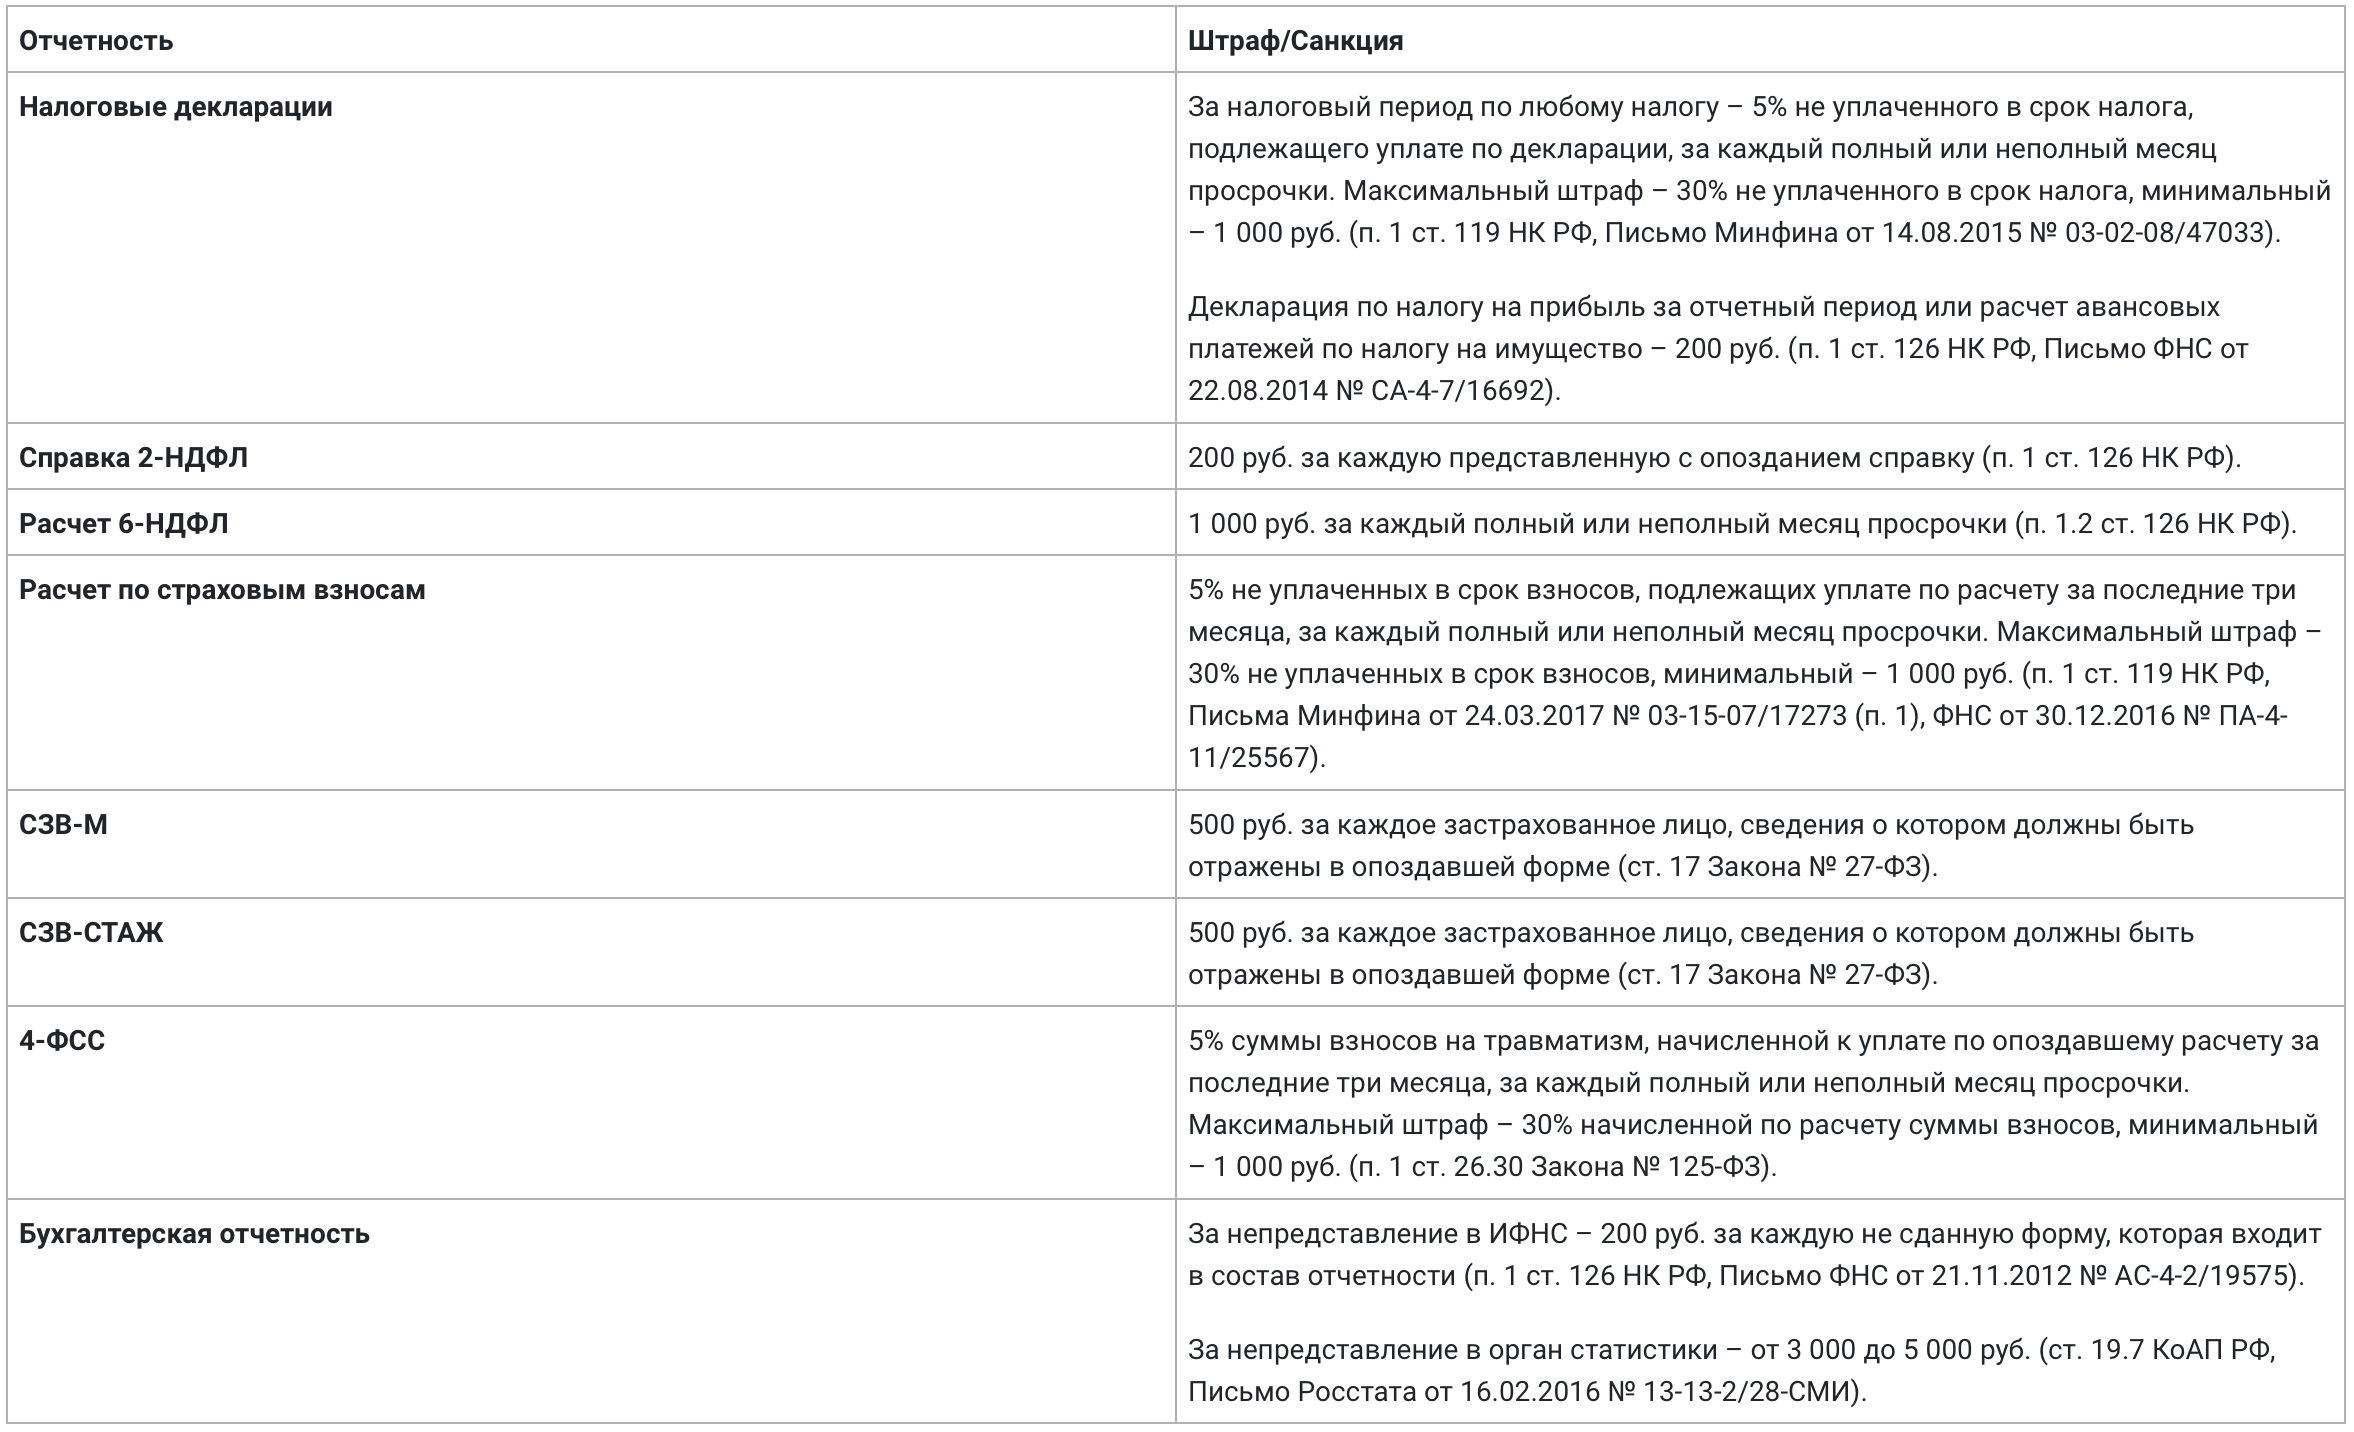 Штрафы за нарушение сроков отчетности в 2019 году - таблица